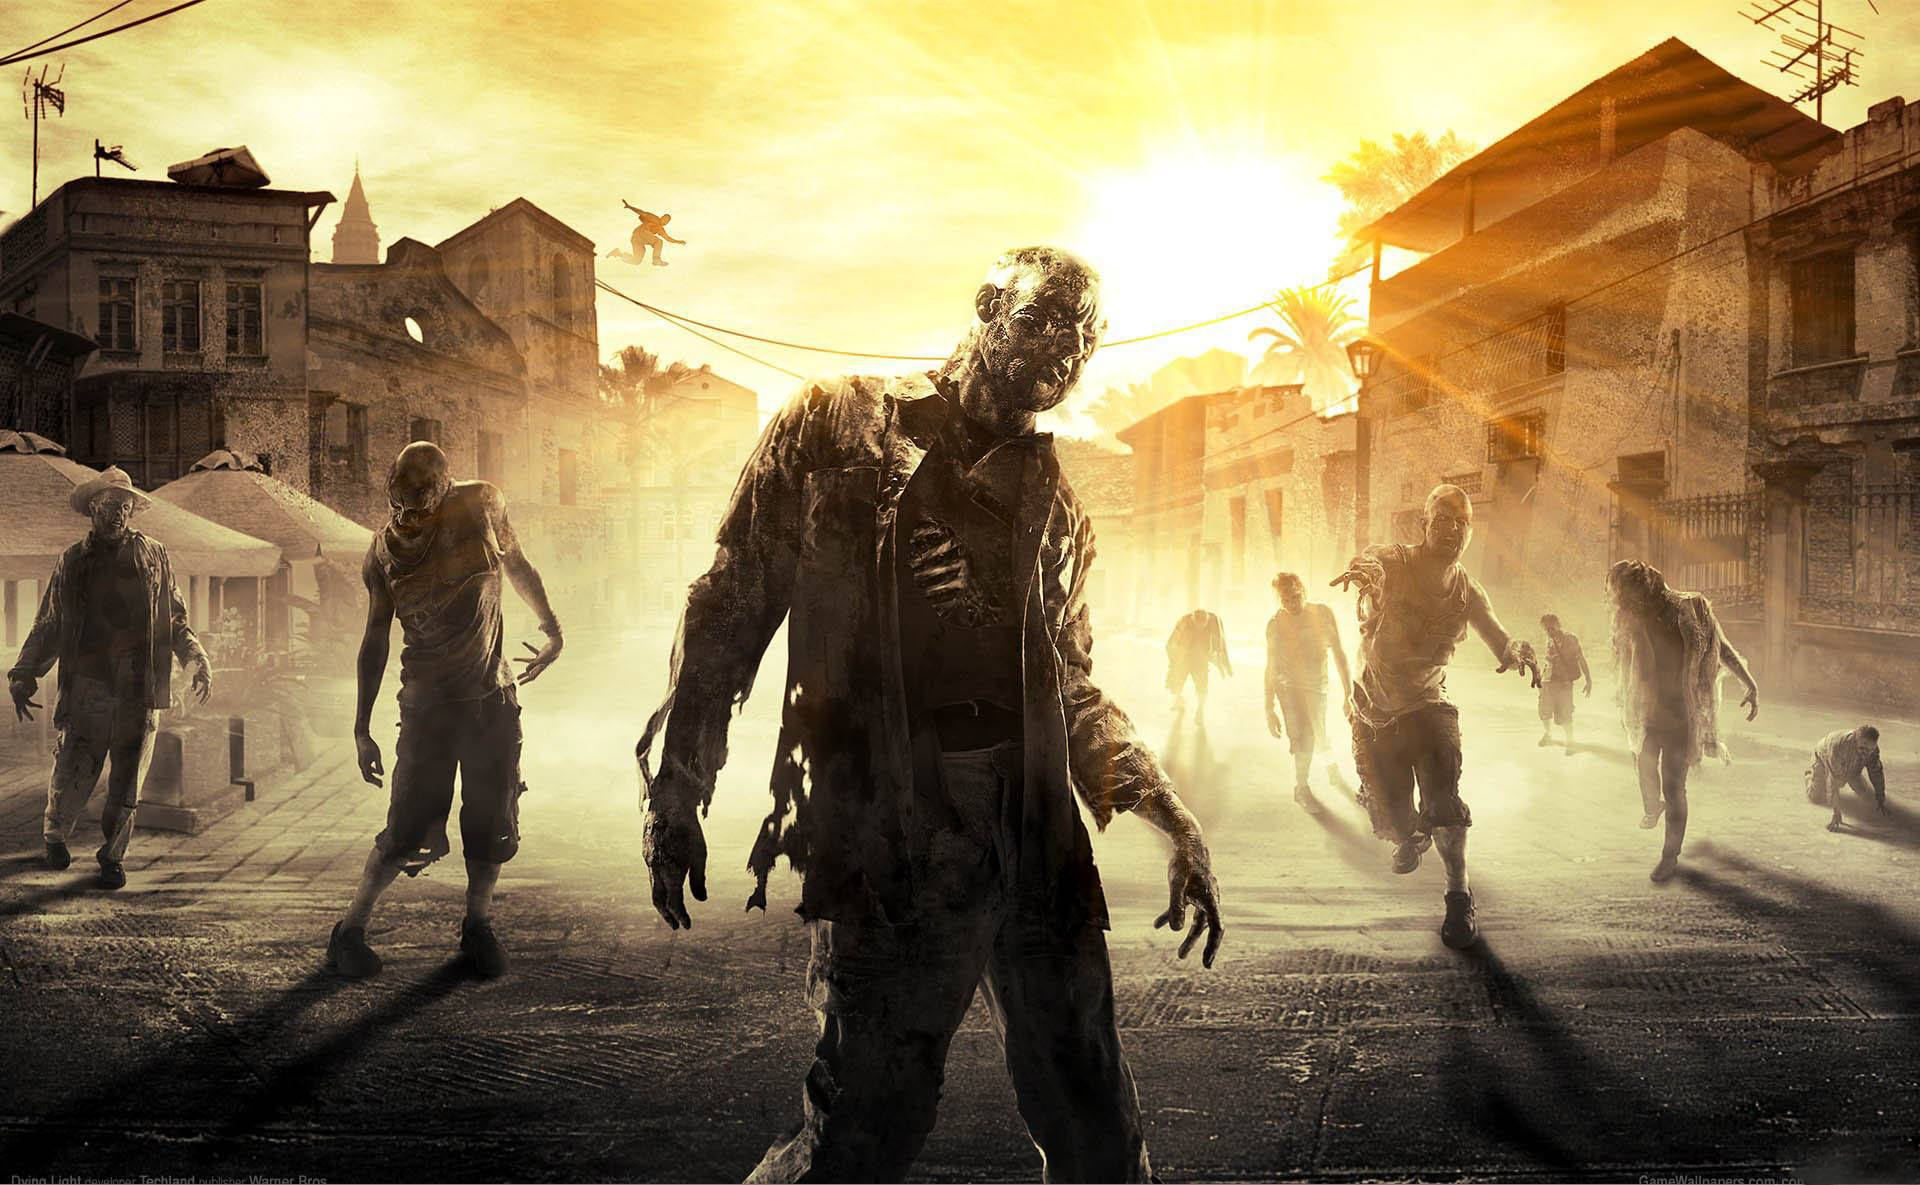 《巫师3》追加简体中文 Steam年度版售价63元